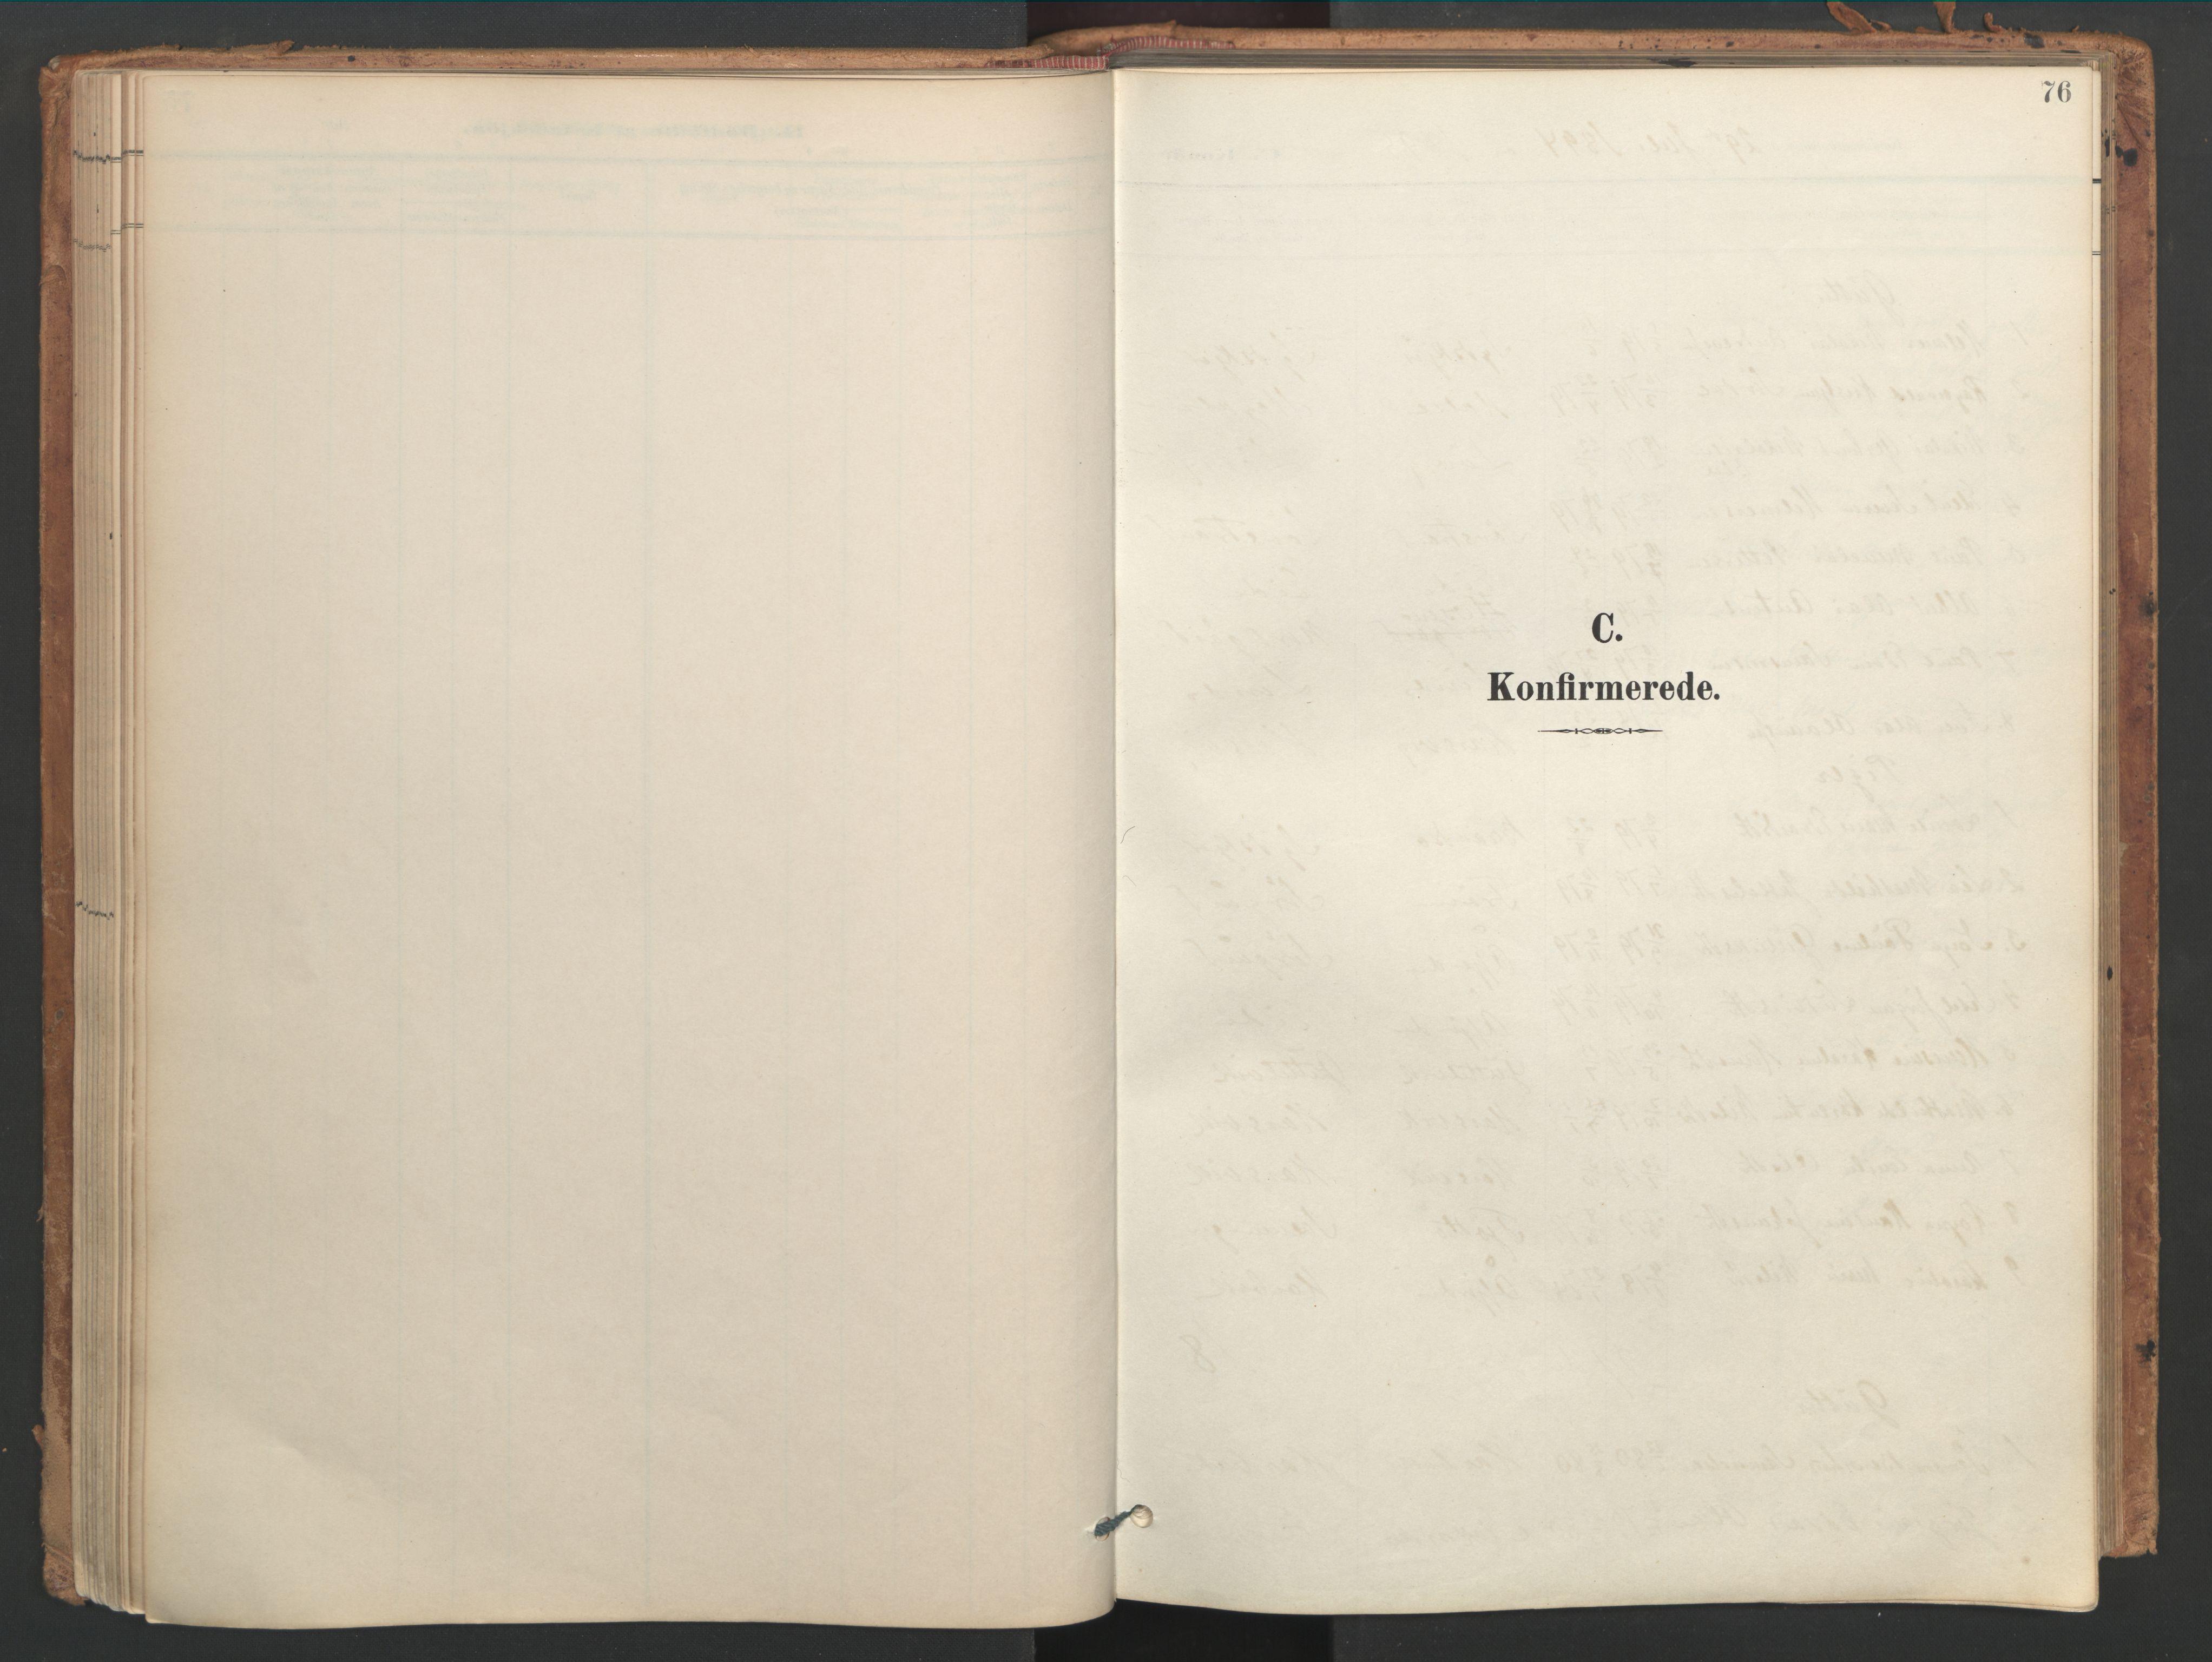 SAT, Ministerialprotokoller, klokkerbøker og fødselsregistre - Sør-Trøndelag, 656/L0693: Ministerialbok nr. 656A02, 1894-1913, s. 76